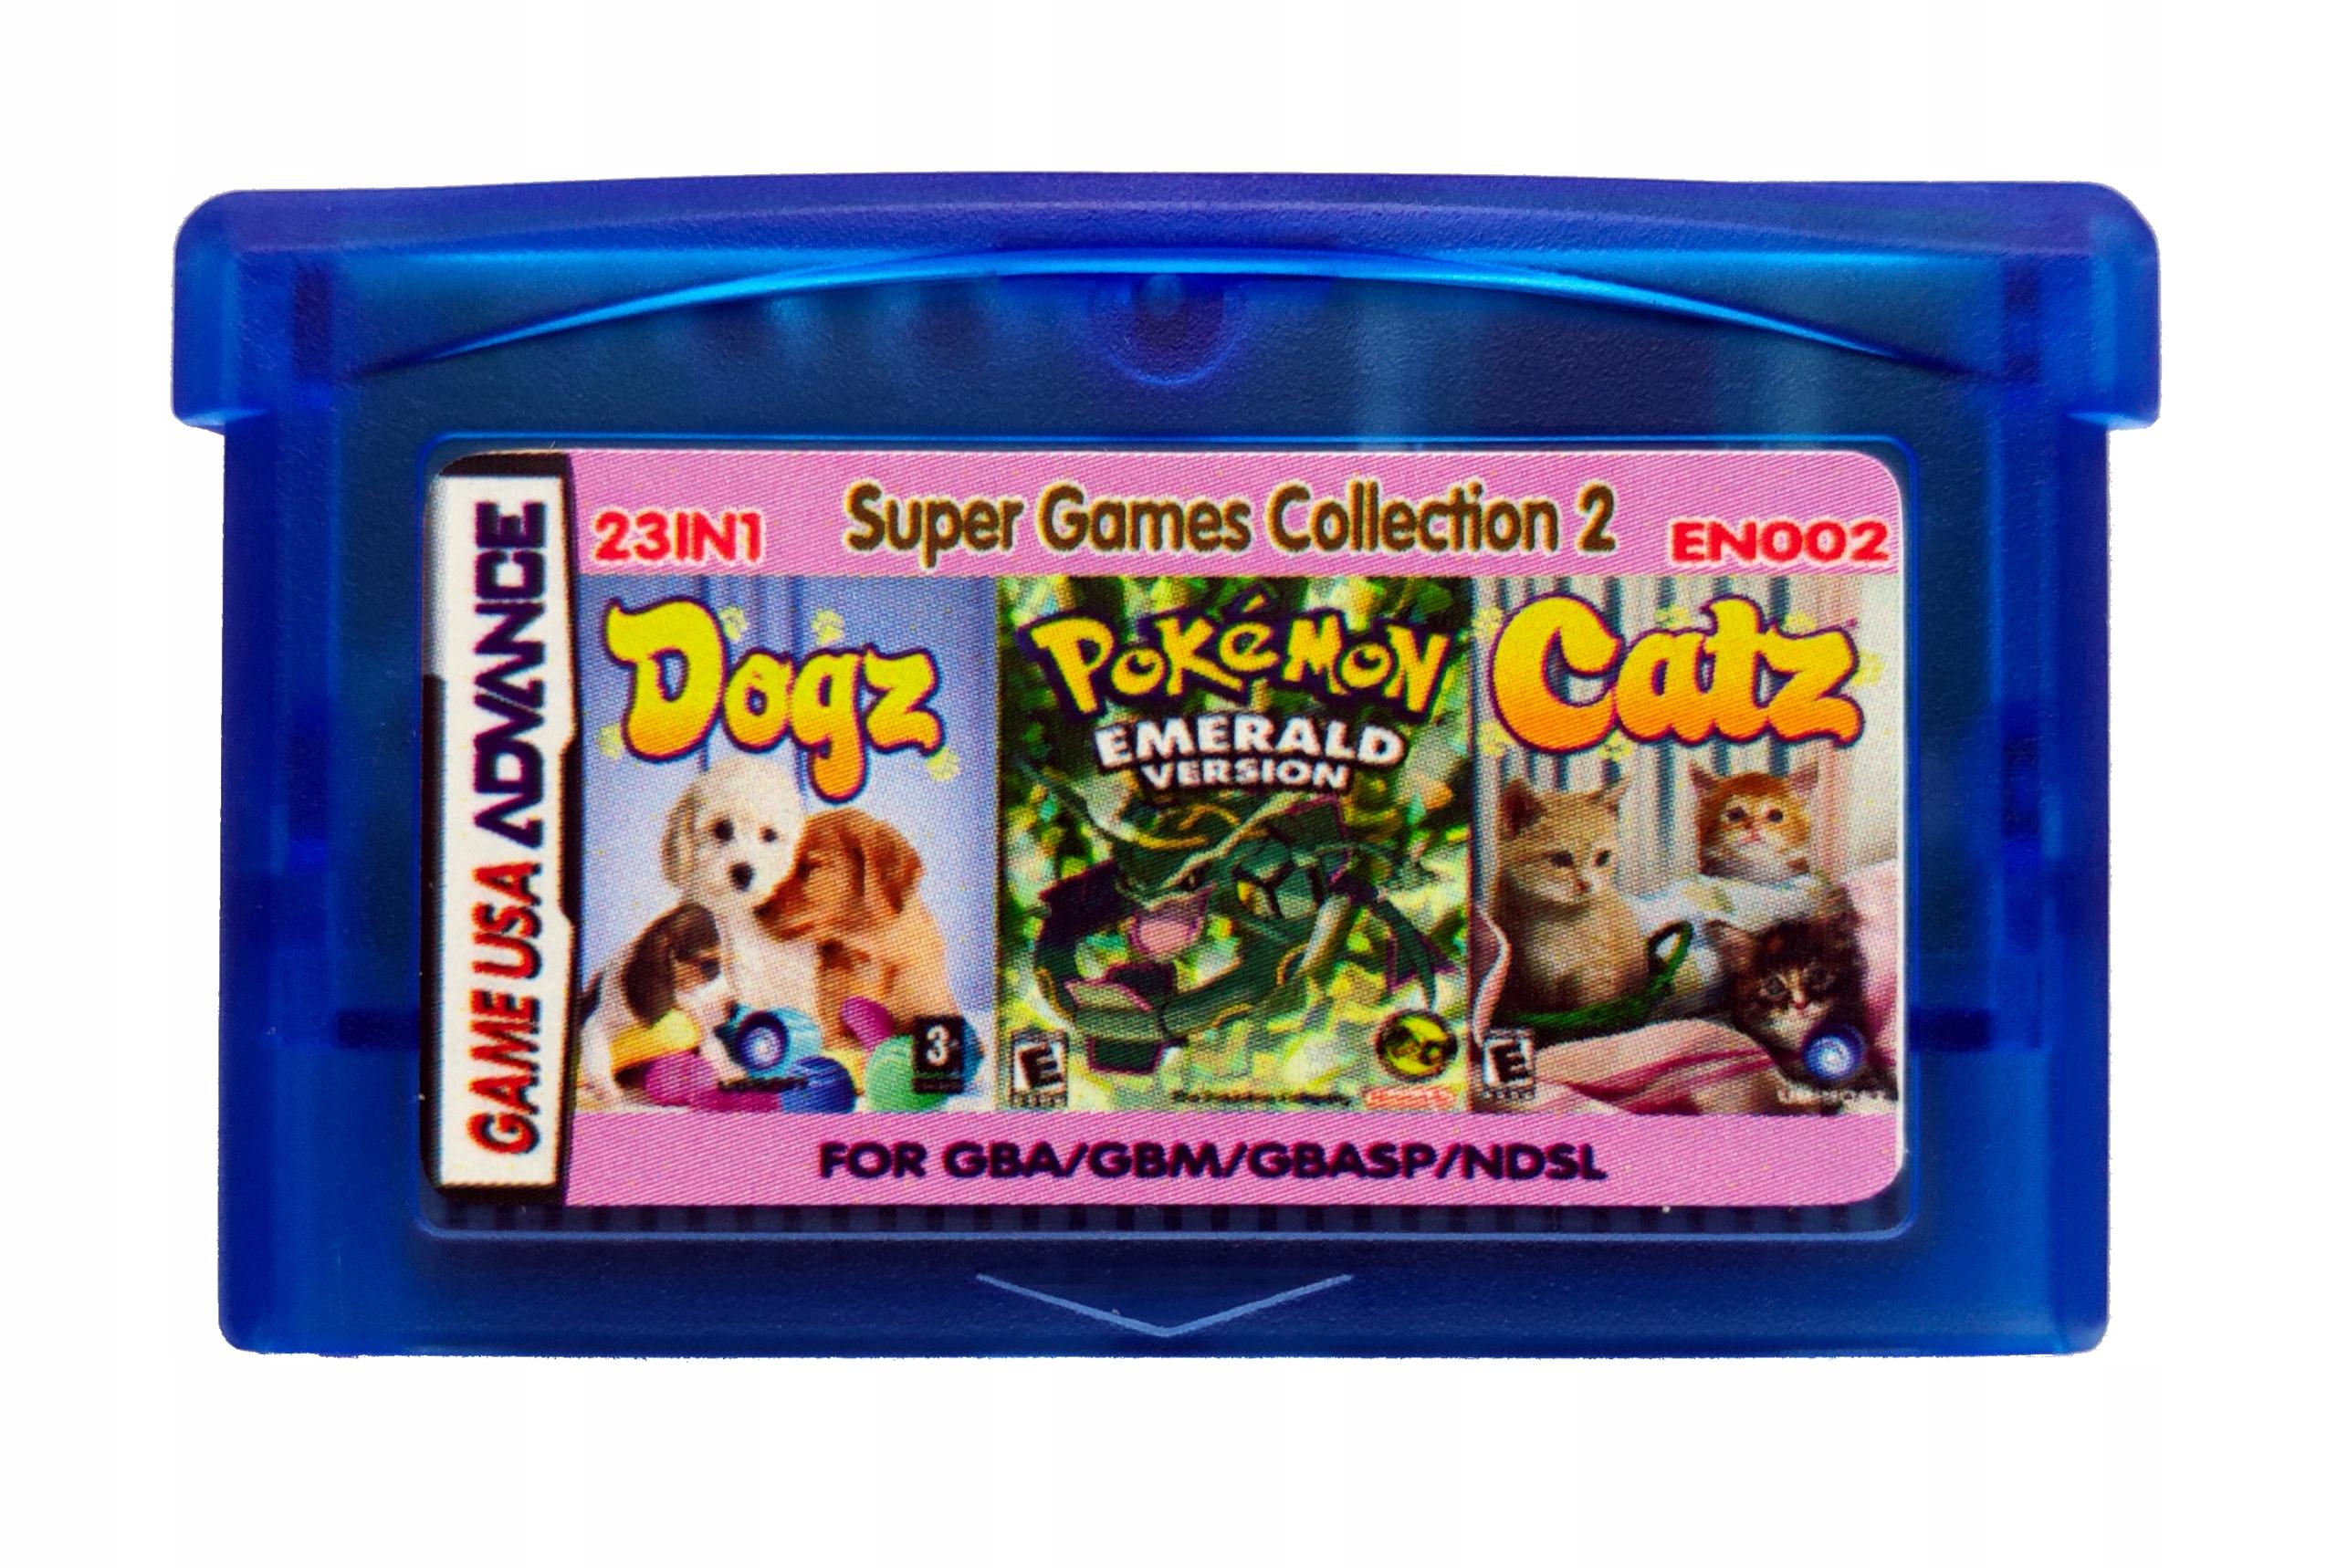 23 v 1 GBA GameBoy Advance Pokemon Emerald, Záverečná